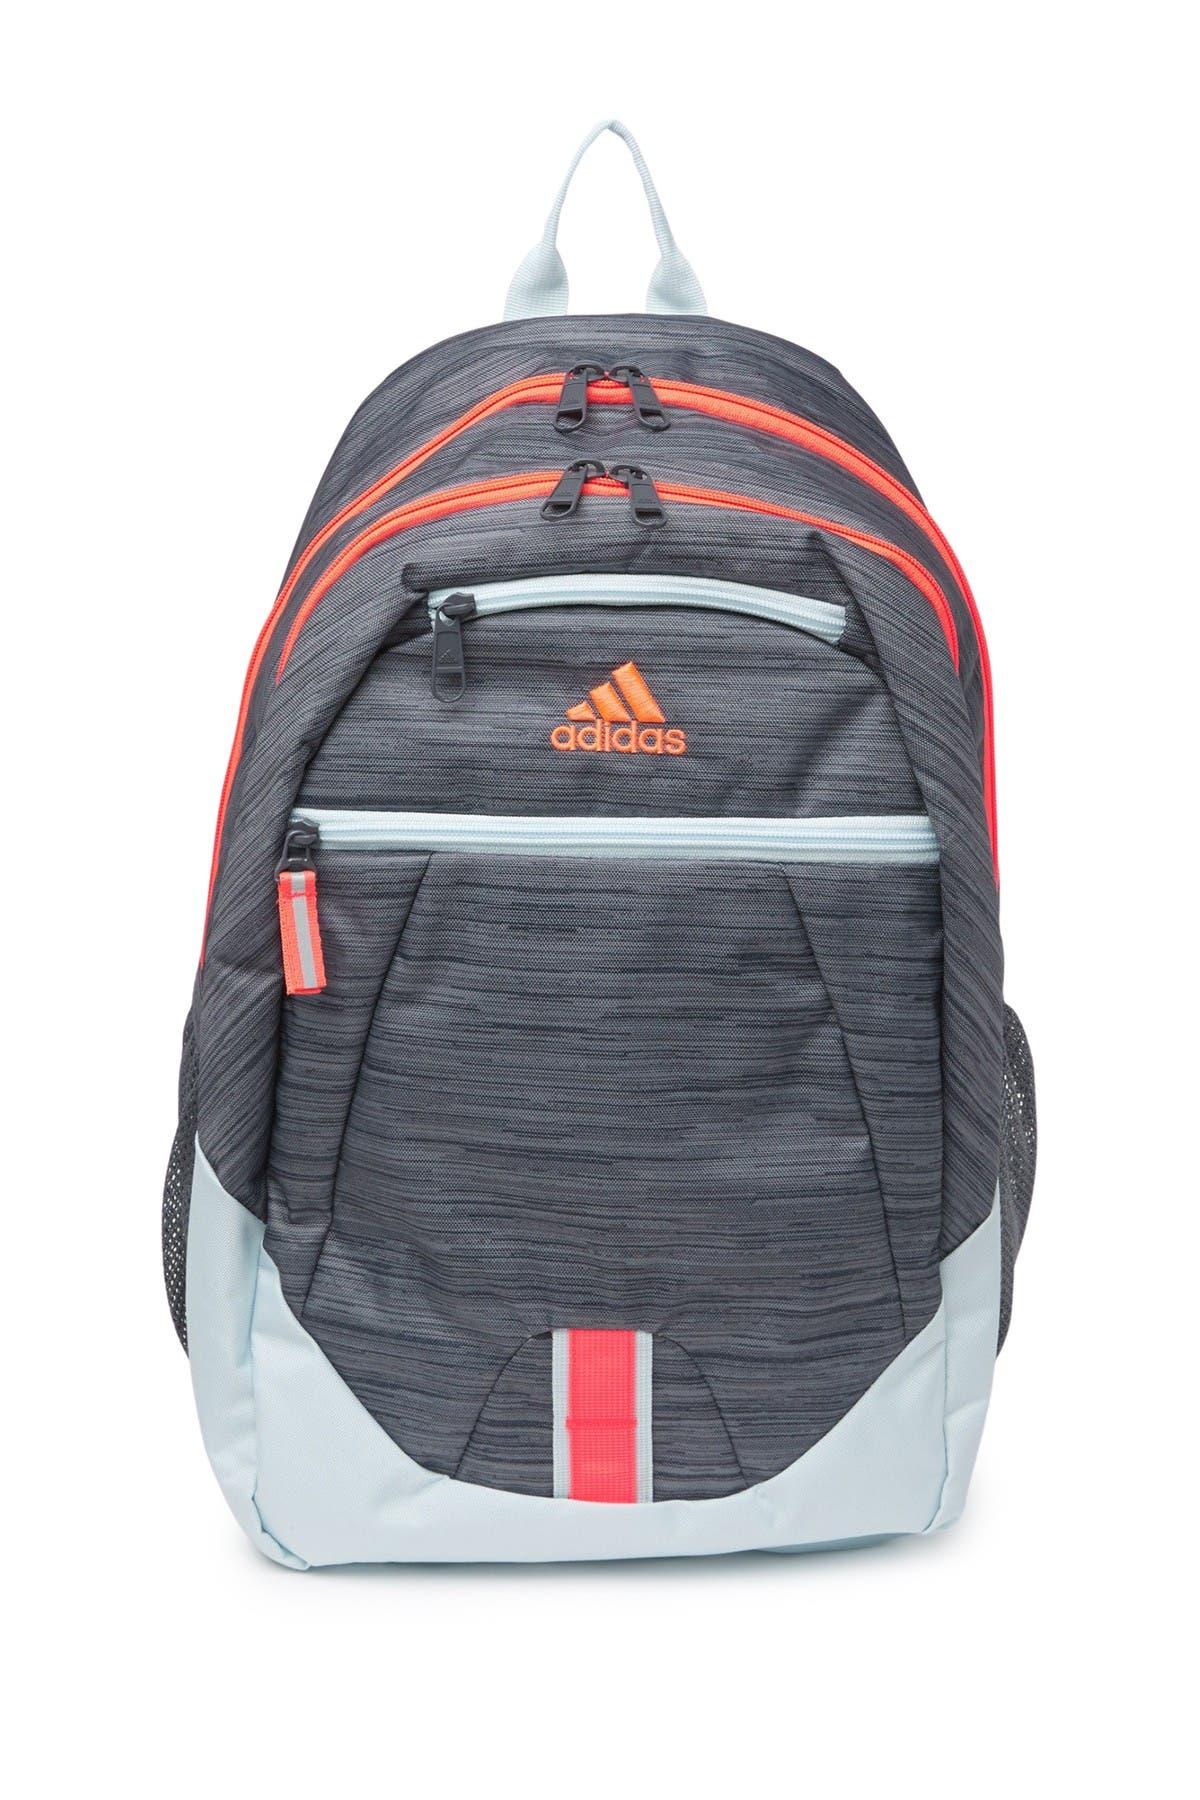 Image of adidas Foundation V Backpack